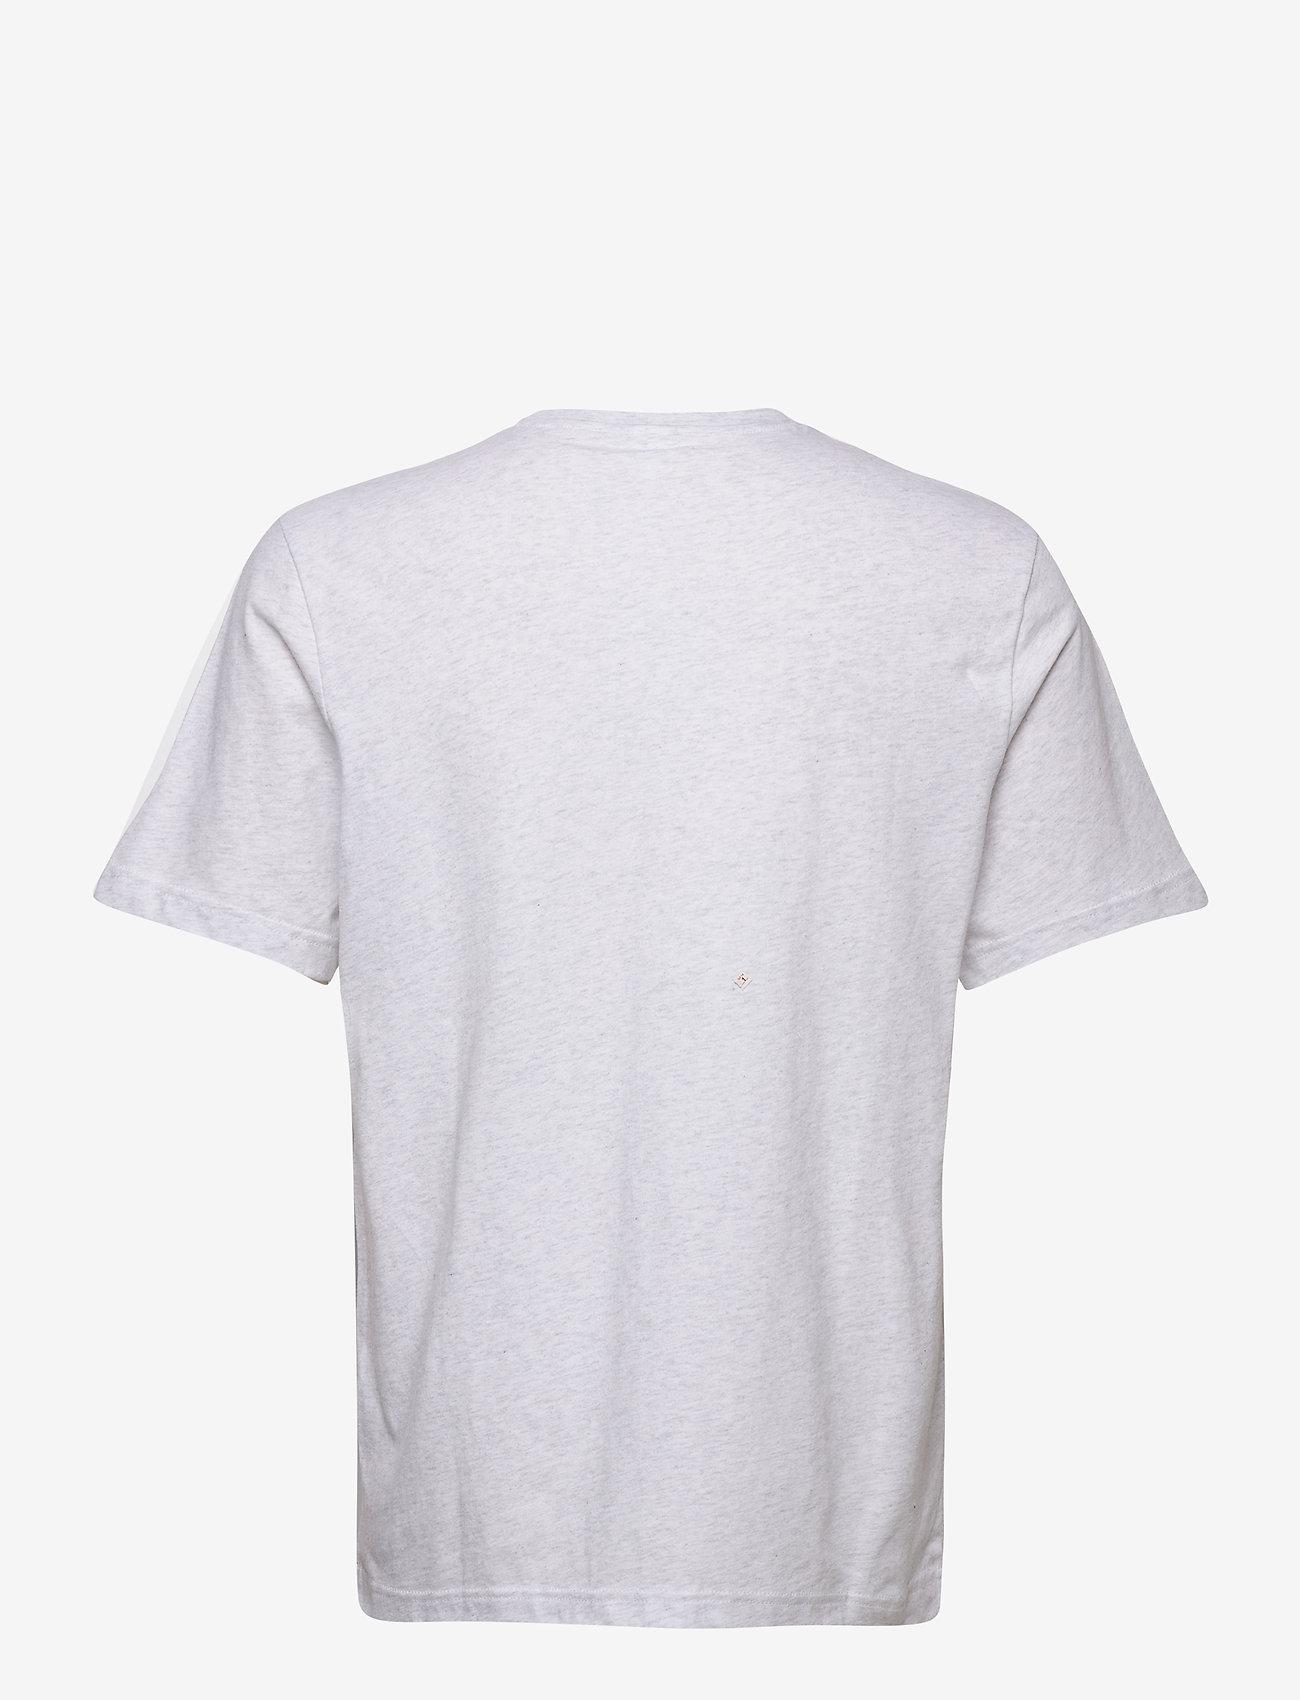 Reebok Classics CL F VECTOR TEE - T-skjorter WHTMEL - Menn Klær